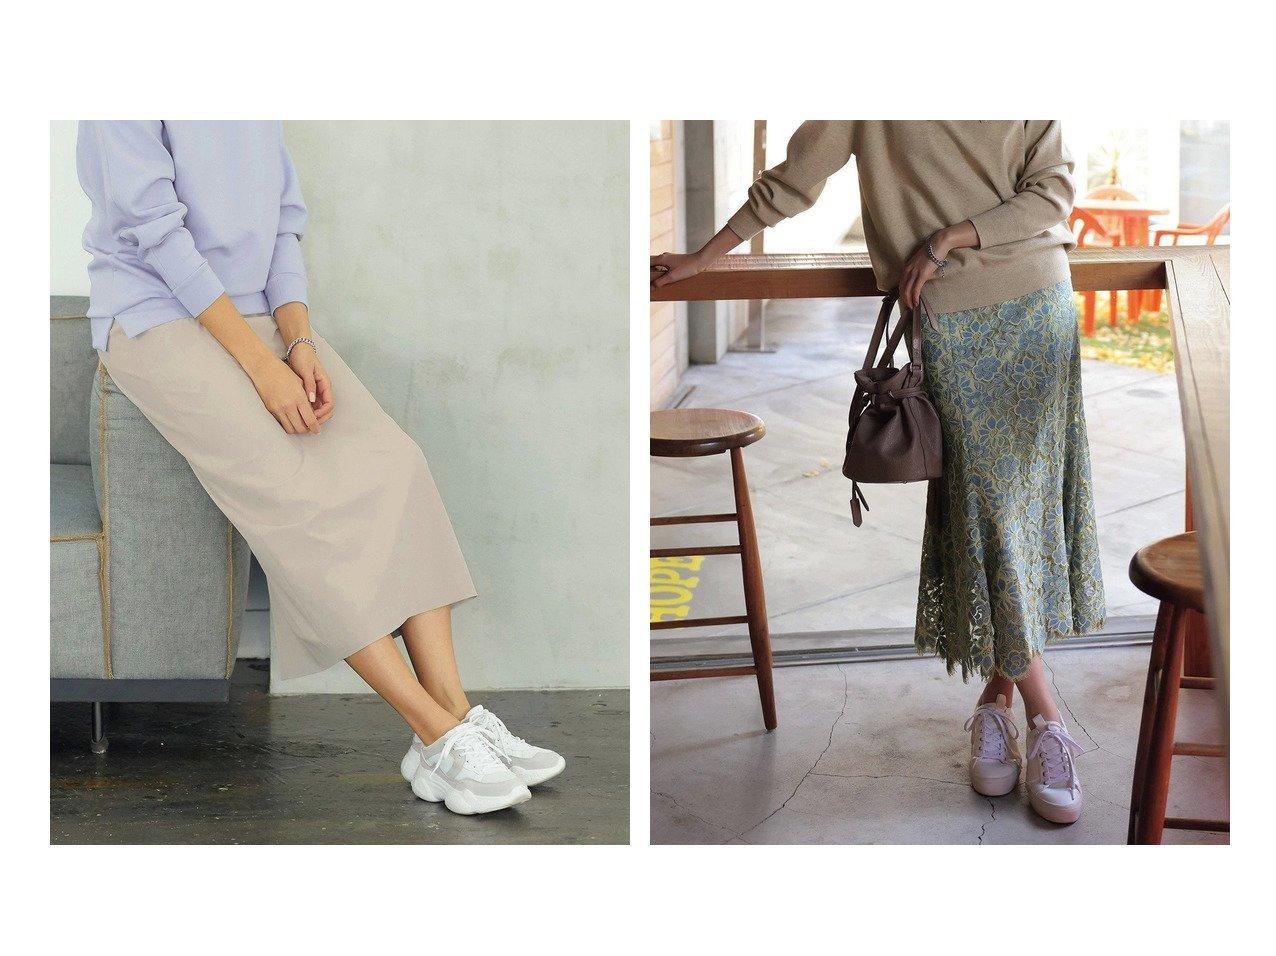 【DoCLASSE/ドゥクラッセ】のライトストレッチ・ストレートスカート&総レース・裾フレアスカート 40代、50代の女性におすすめ!人気トレンド・ファッションの通販 おすすめで人気の流行・トレンド、ファッションの通販商品 メンズファッション・キッズファッション・インテリア・家具・レディースファッション・服の通販 founy(ファニー) https://founy.com/ ファッション Fashion レディースファッション WOMEN スカート Skirt Aライン/フレアスカート Flared A-Line Skirts ジャケット ストレッチ スポーティ スカラップ フレア マーメイド レース ロング 春 Spring |ID:crp329100000028112